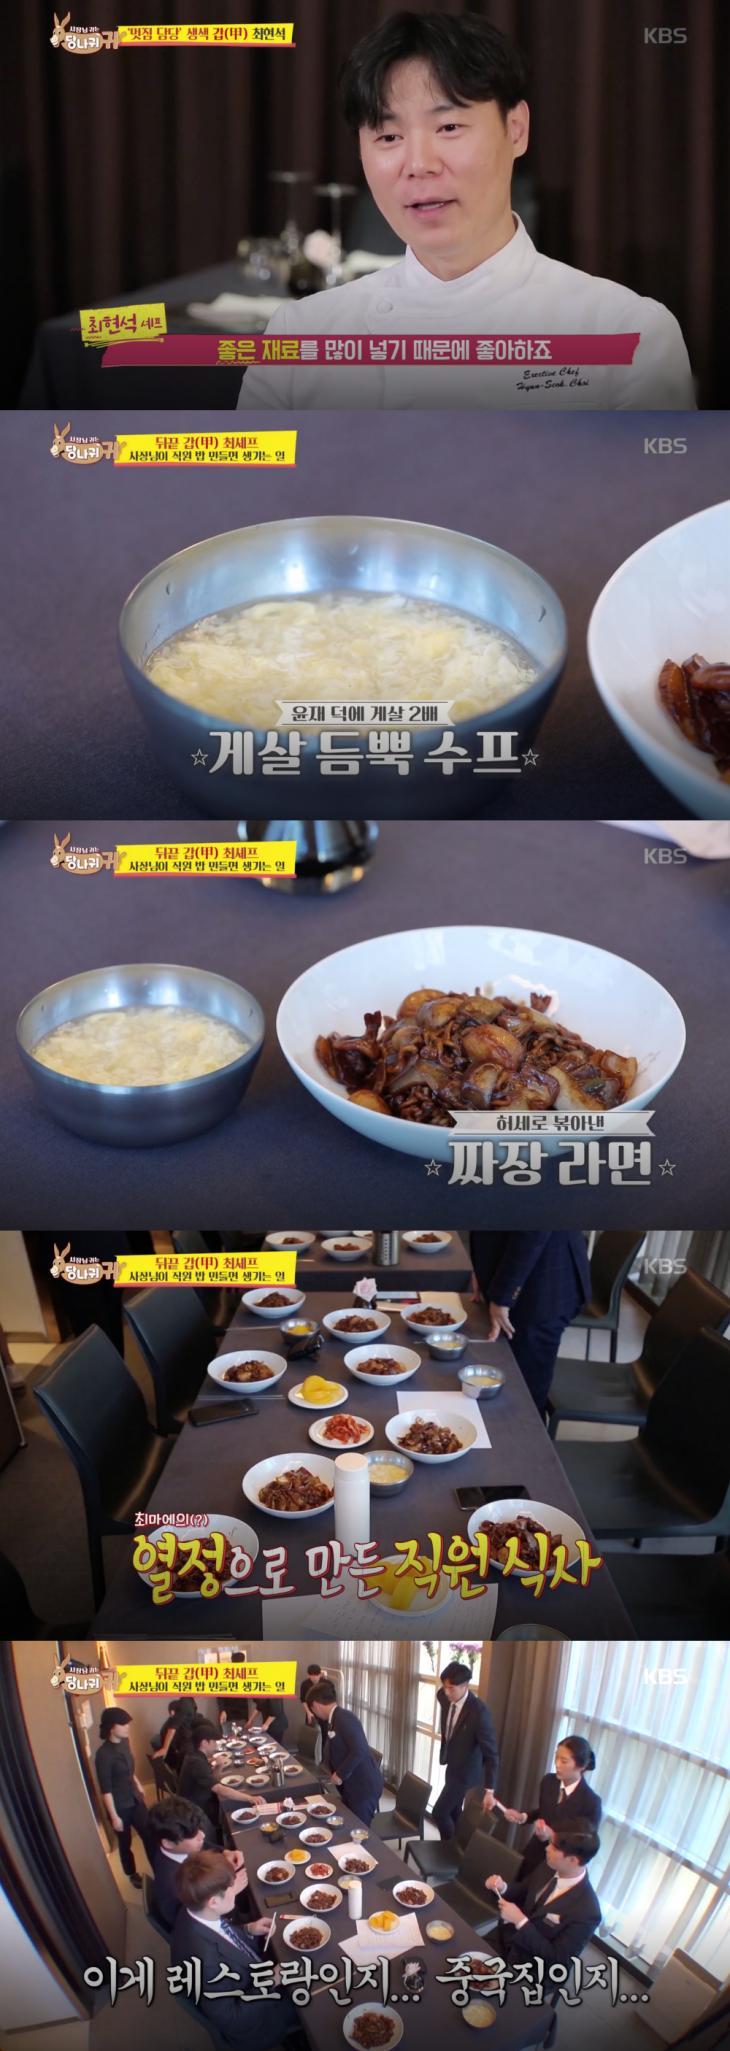 KBS2 '사장님 귀는 당나귀 귀' 방송 캡처